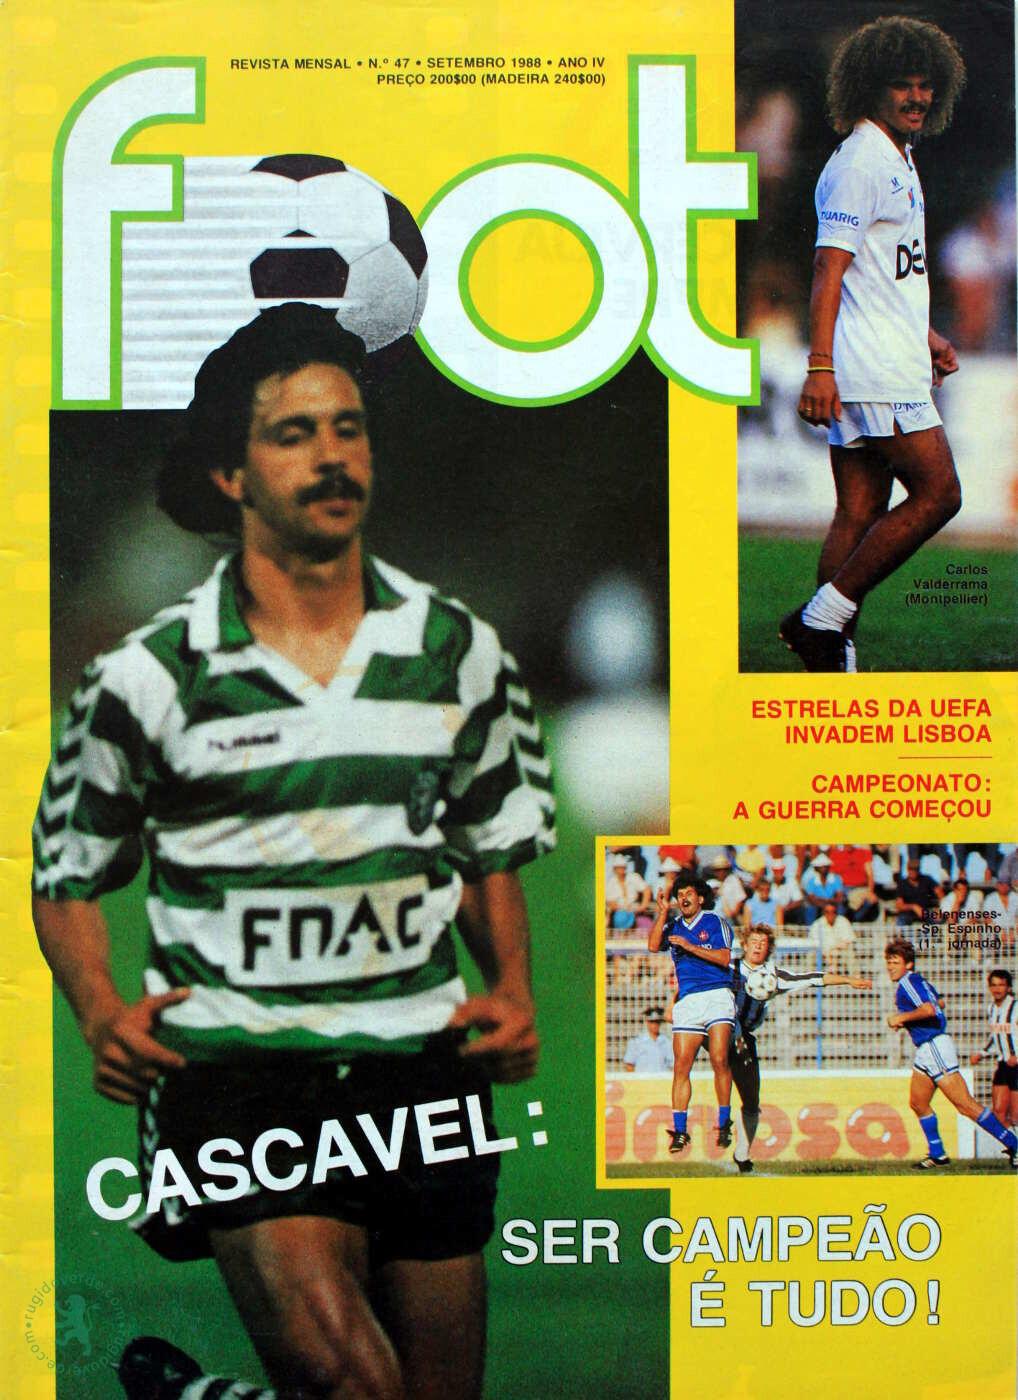 Paulinho Cascavel: «Troco tudo pelo título nacional»